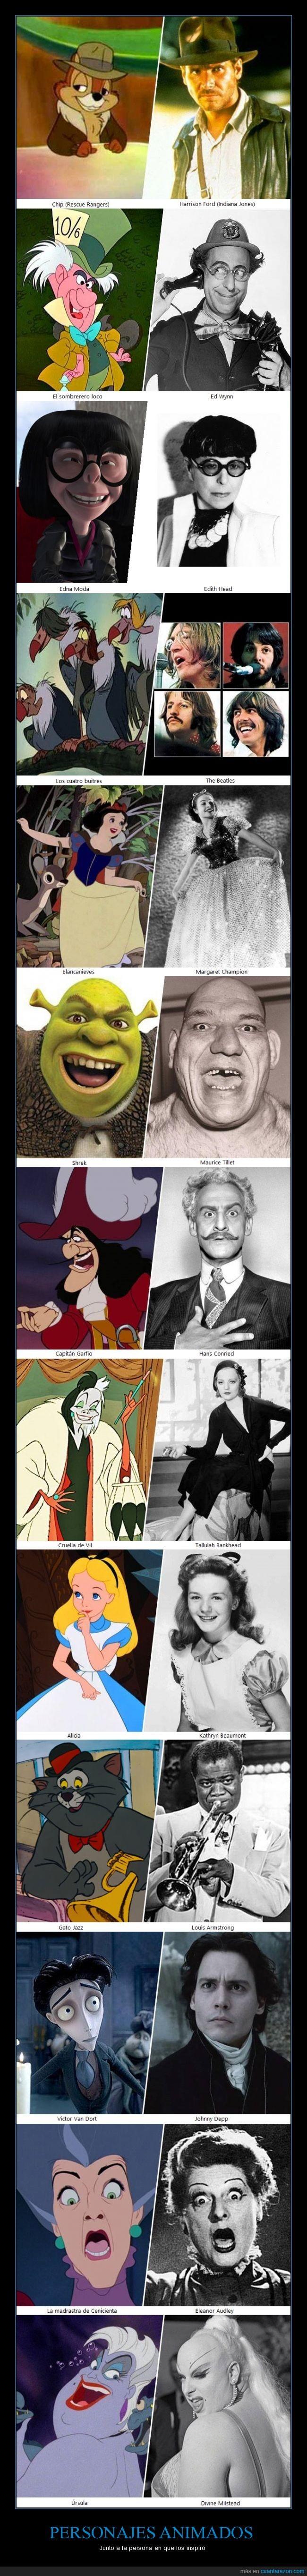 animados,Cruella también se parece a Michael Jackson,personajes,personas